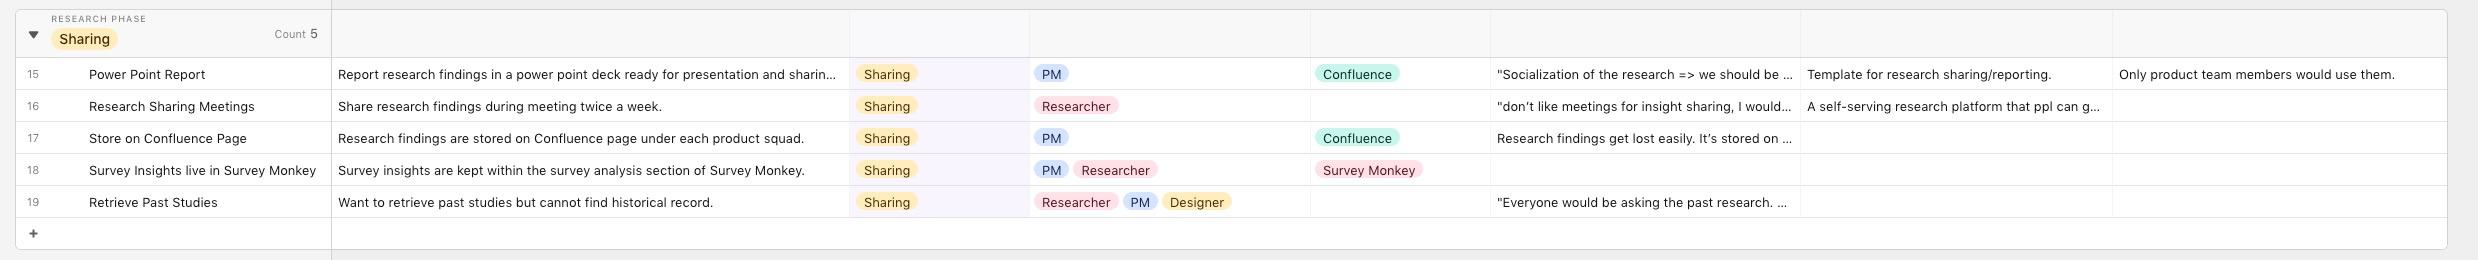 Current_Workflow2.jpg